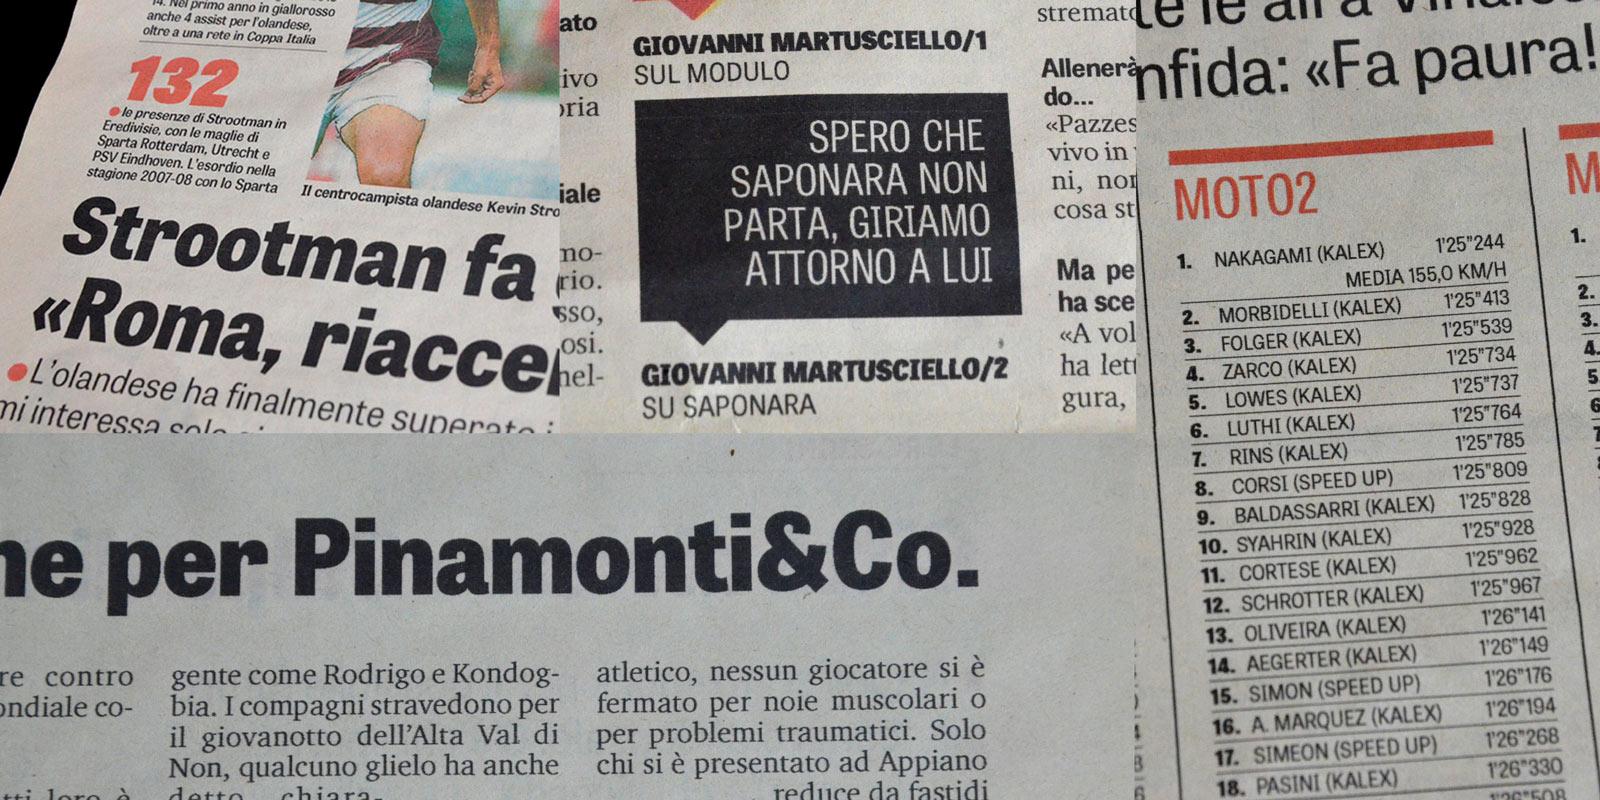 Tablet Gothic in Gazzetta dello Sport